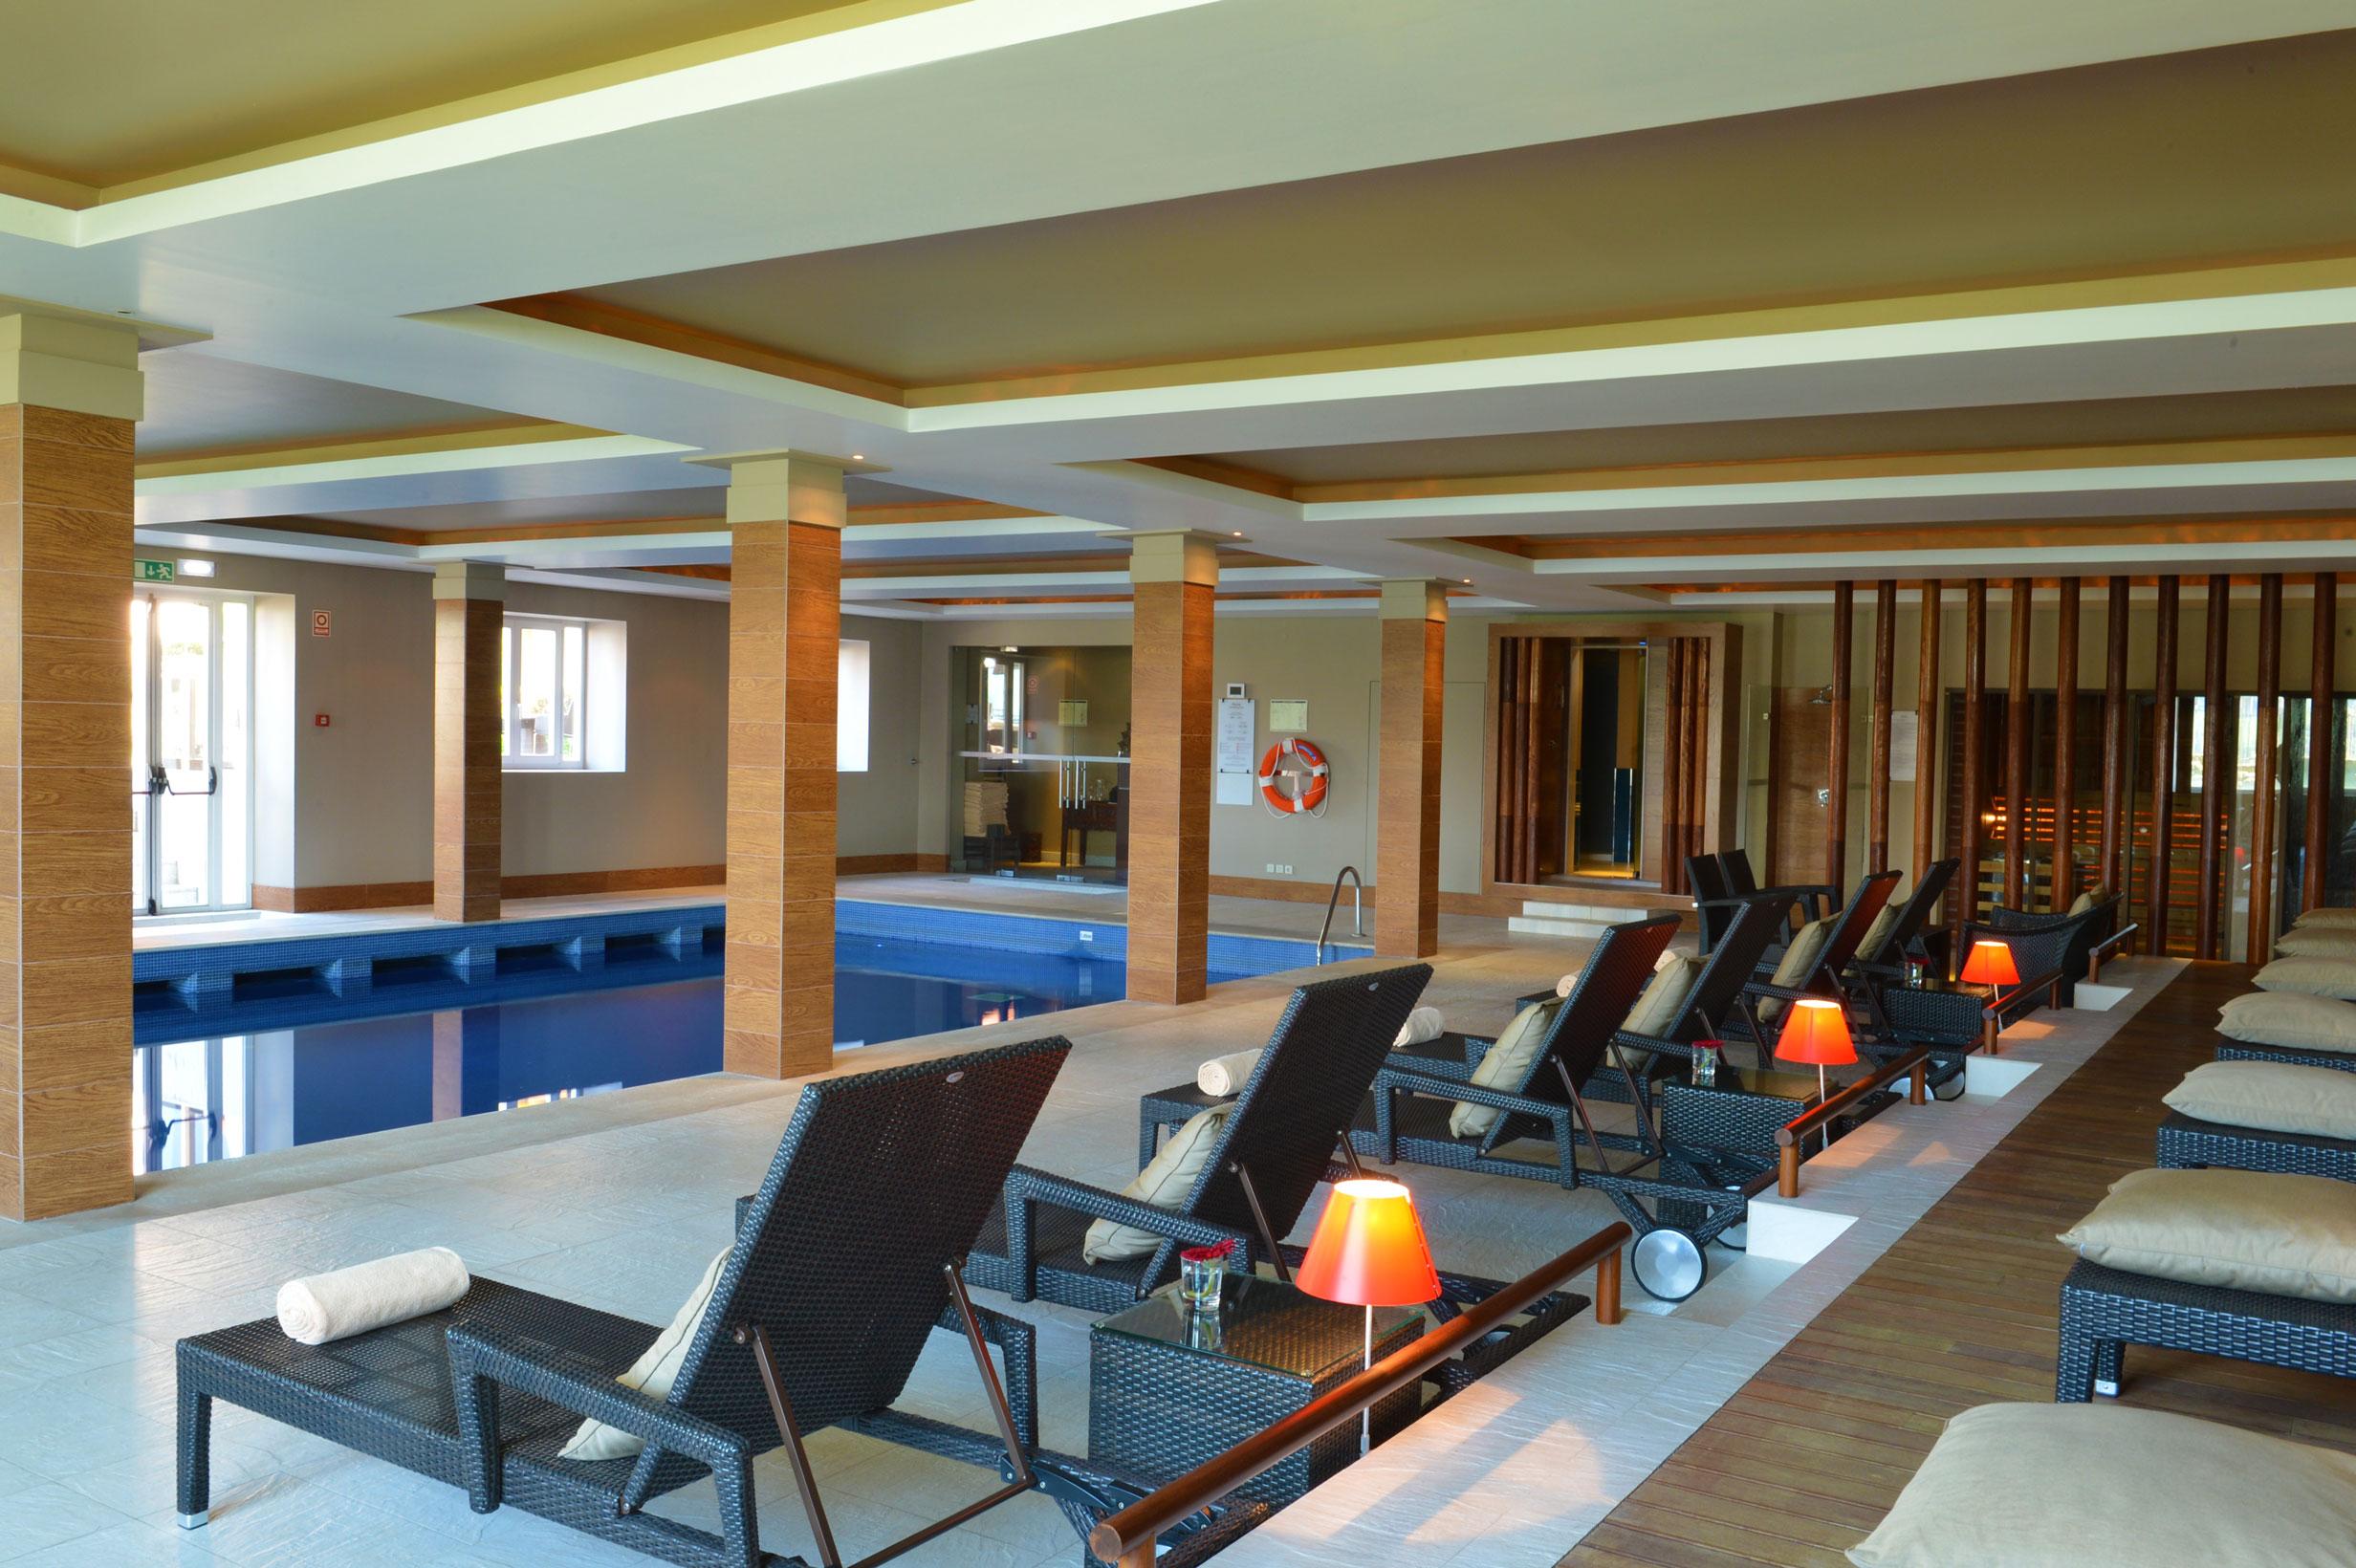 Piscine interieure du Magic Spa Pestana - Hotel Palacio do Freixo - Porto